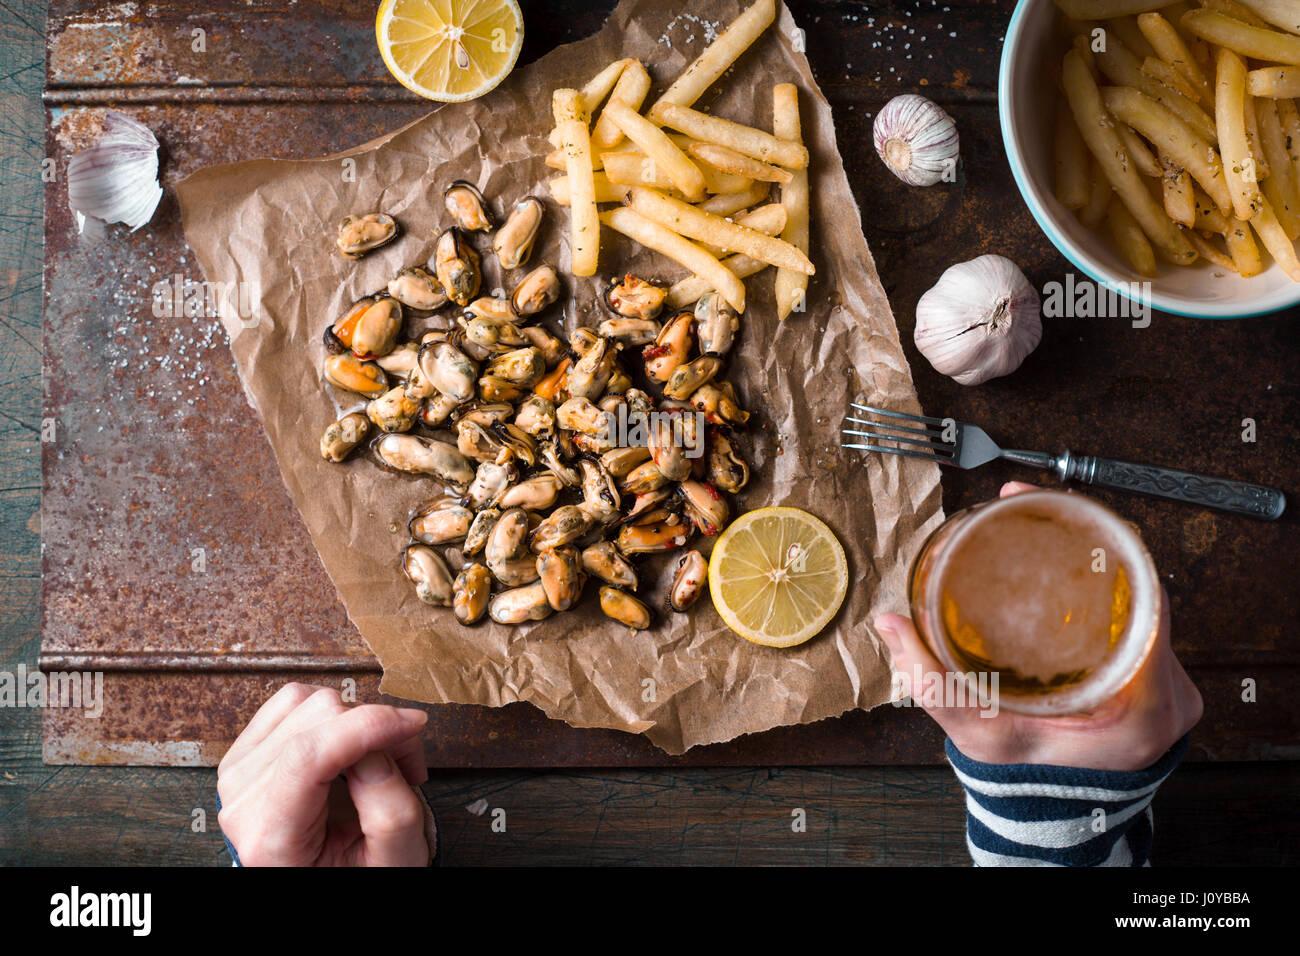 Bebiendo cerveza con mejillones y patatas fritas vista superior Imagen De Stock